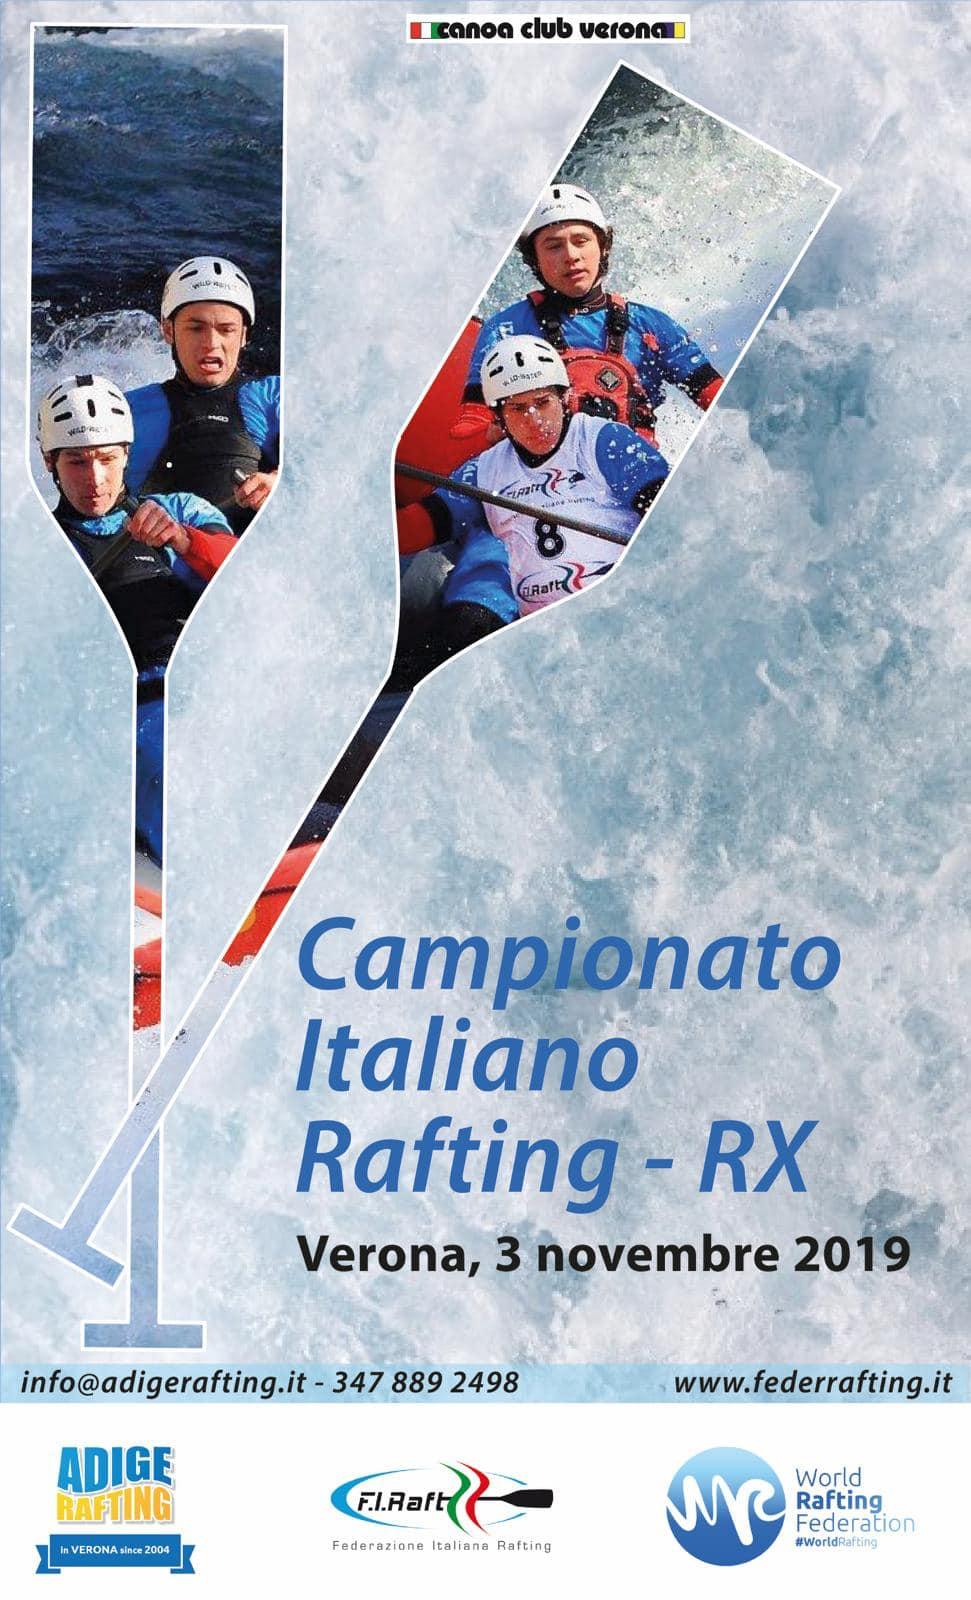 Verona 3 Novembre! Siete tutti invitati a Vedere lo Show del Rafting Agonistico...